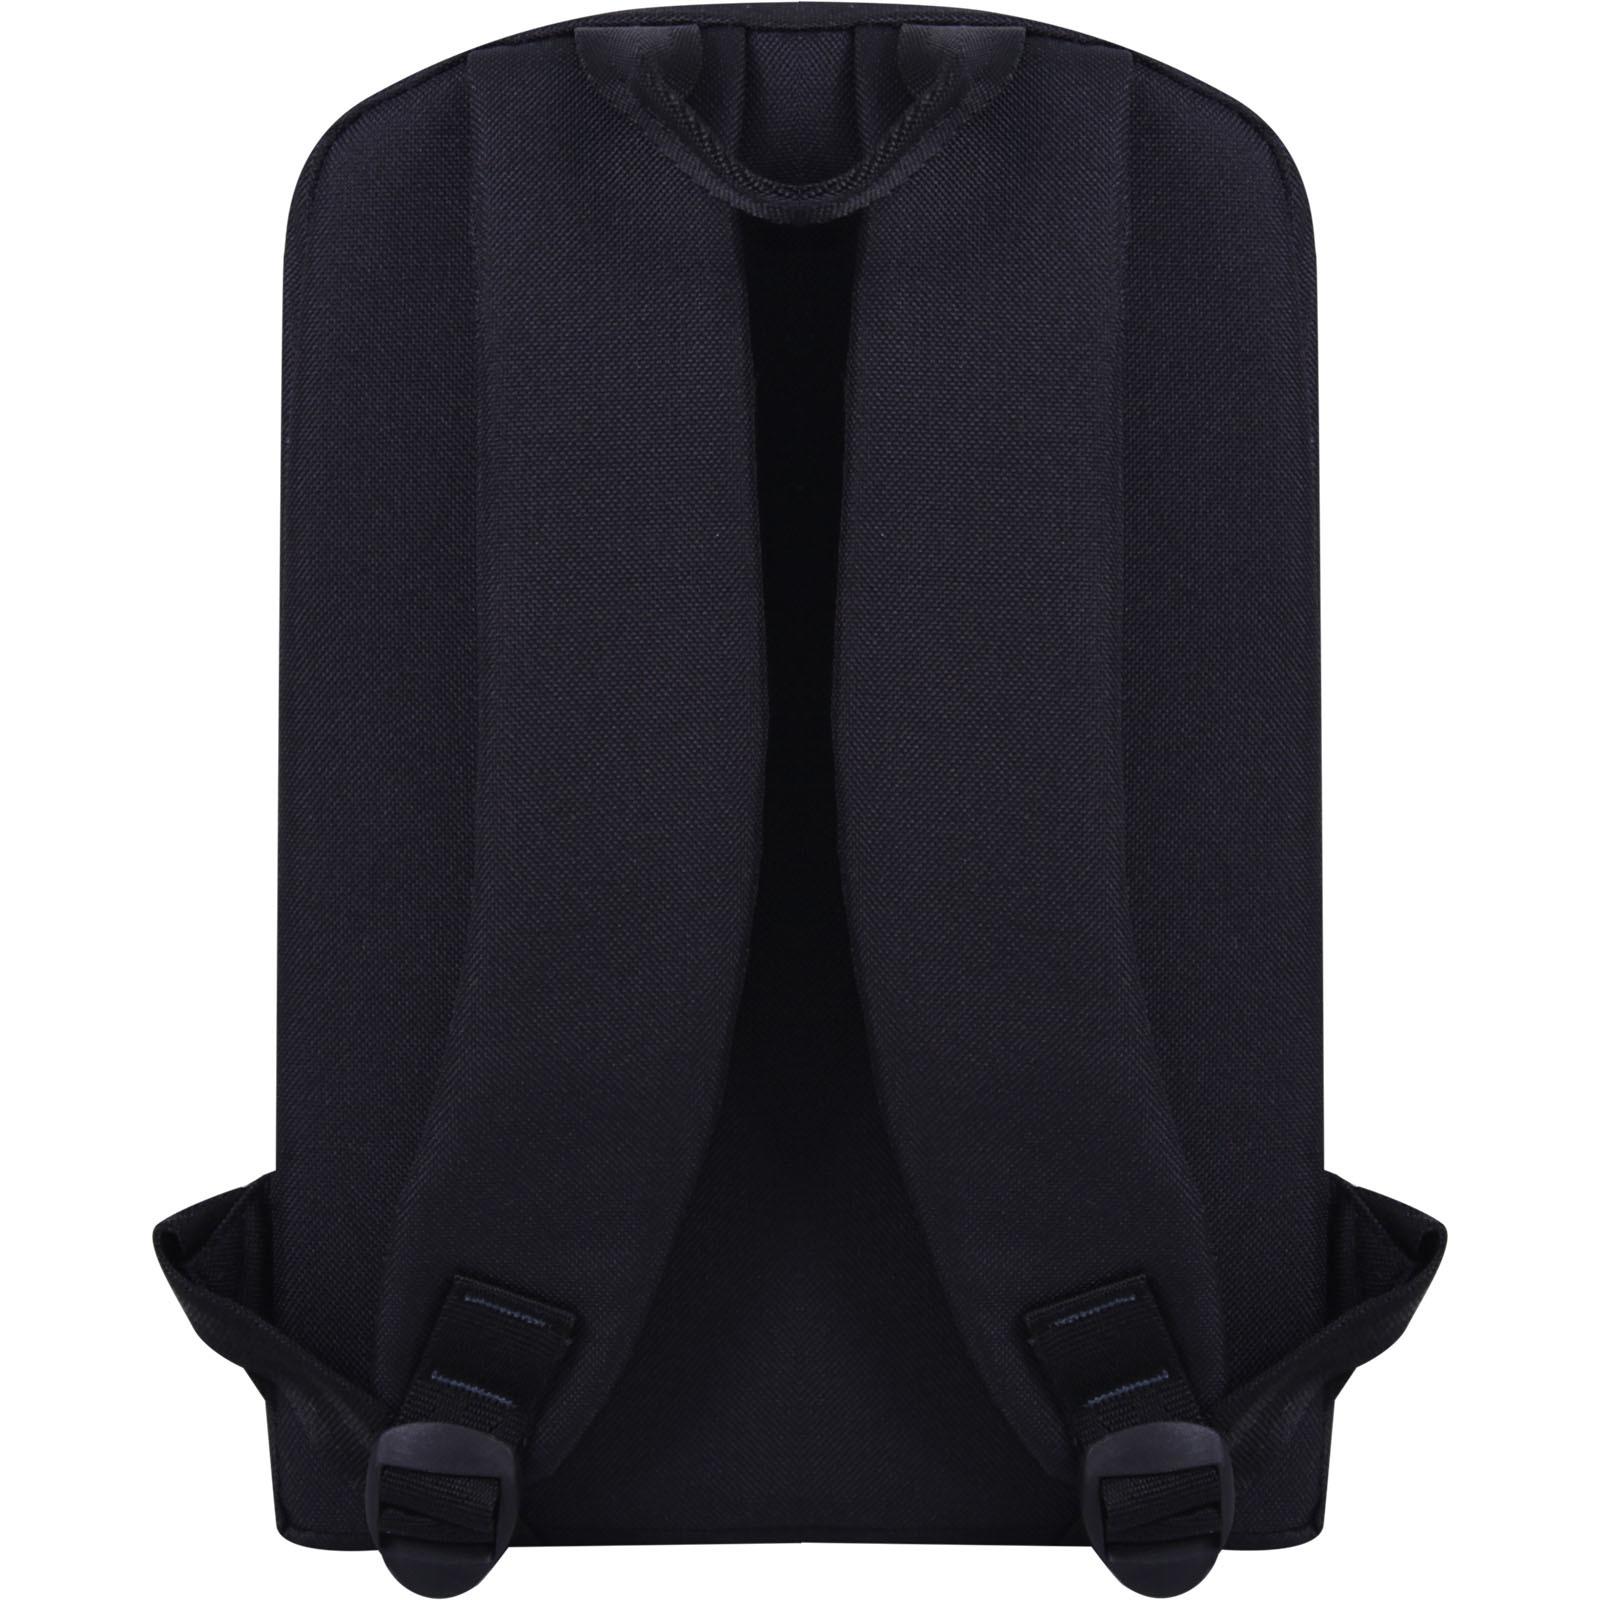 Рюкзак Bagland Молодежный mini 8 л. черный 743 (0050866) фото 3